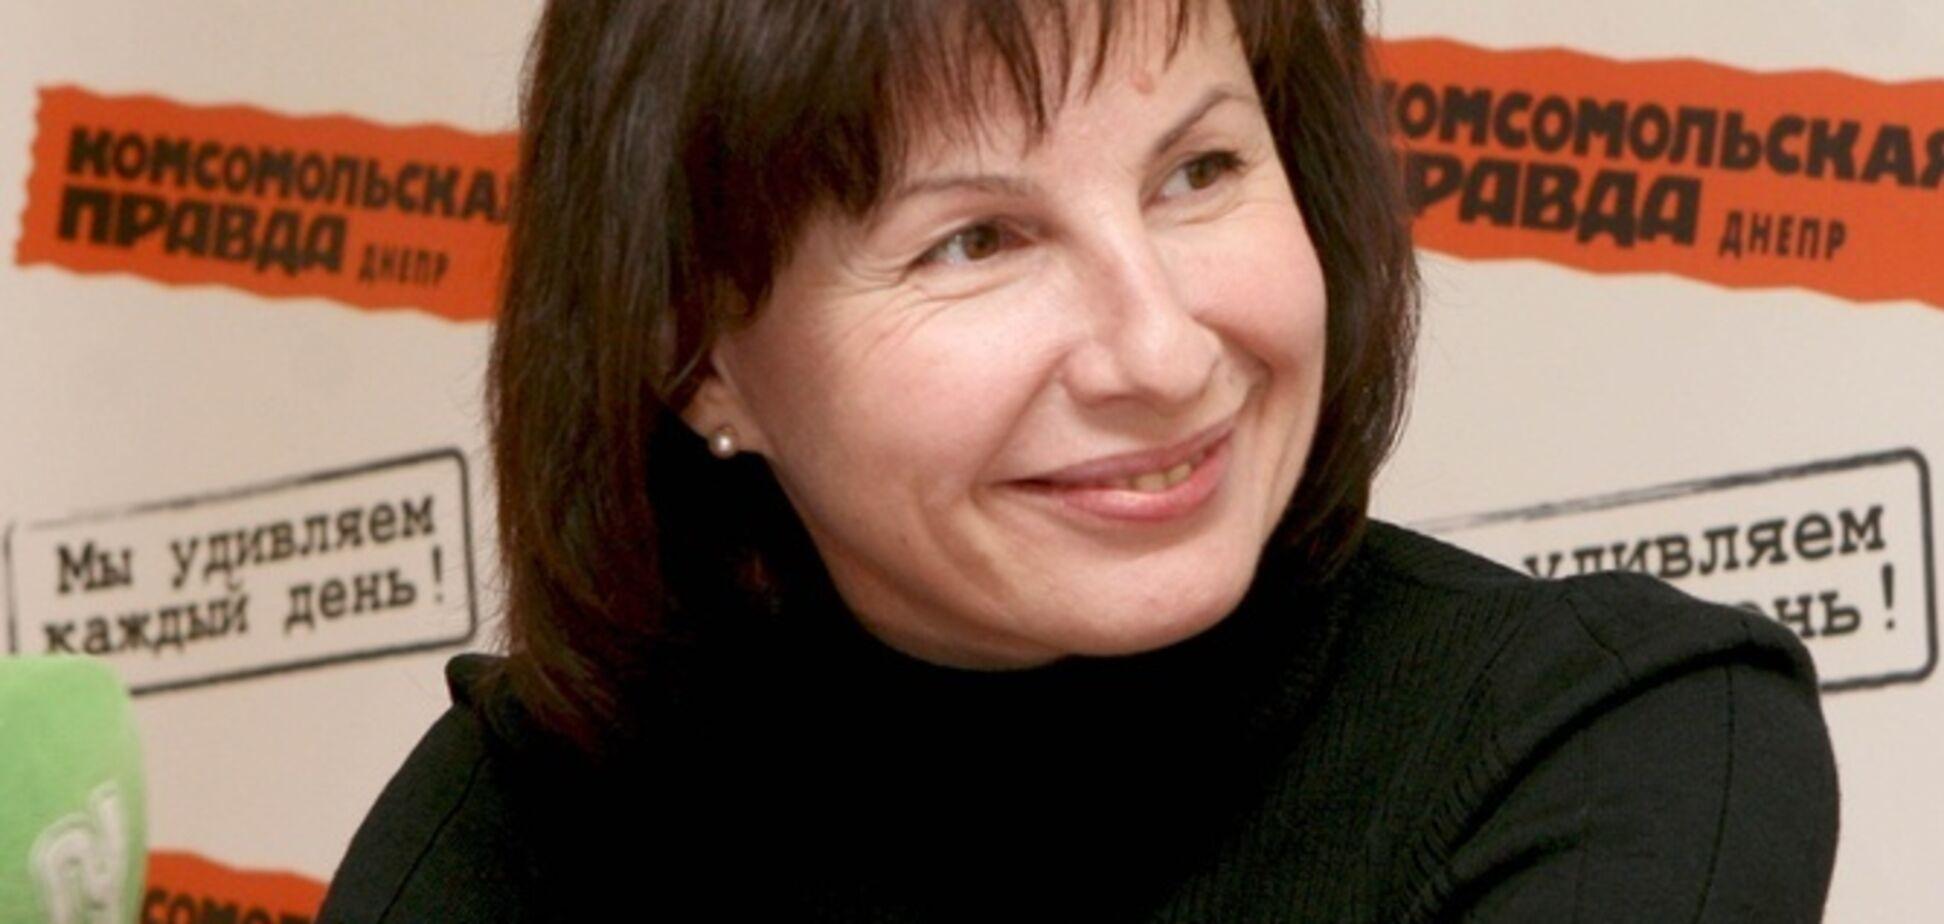 Ексчиновниця Дніпра, яка розкрала бюджет, роздає поради щодо обрання мера